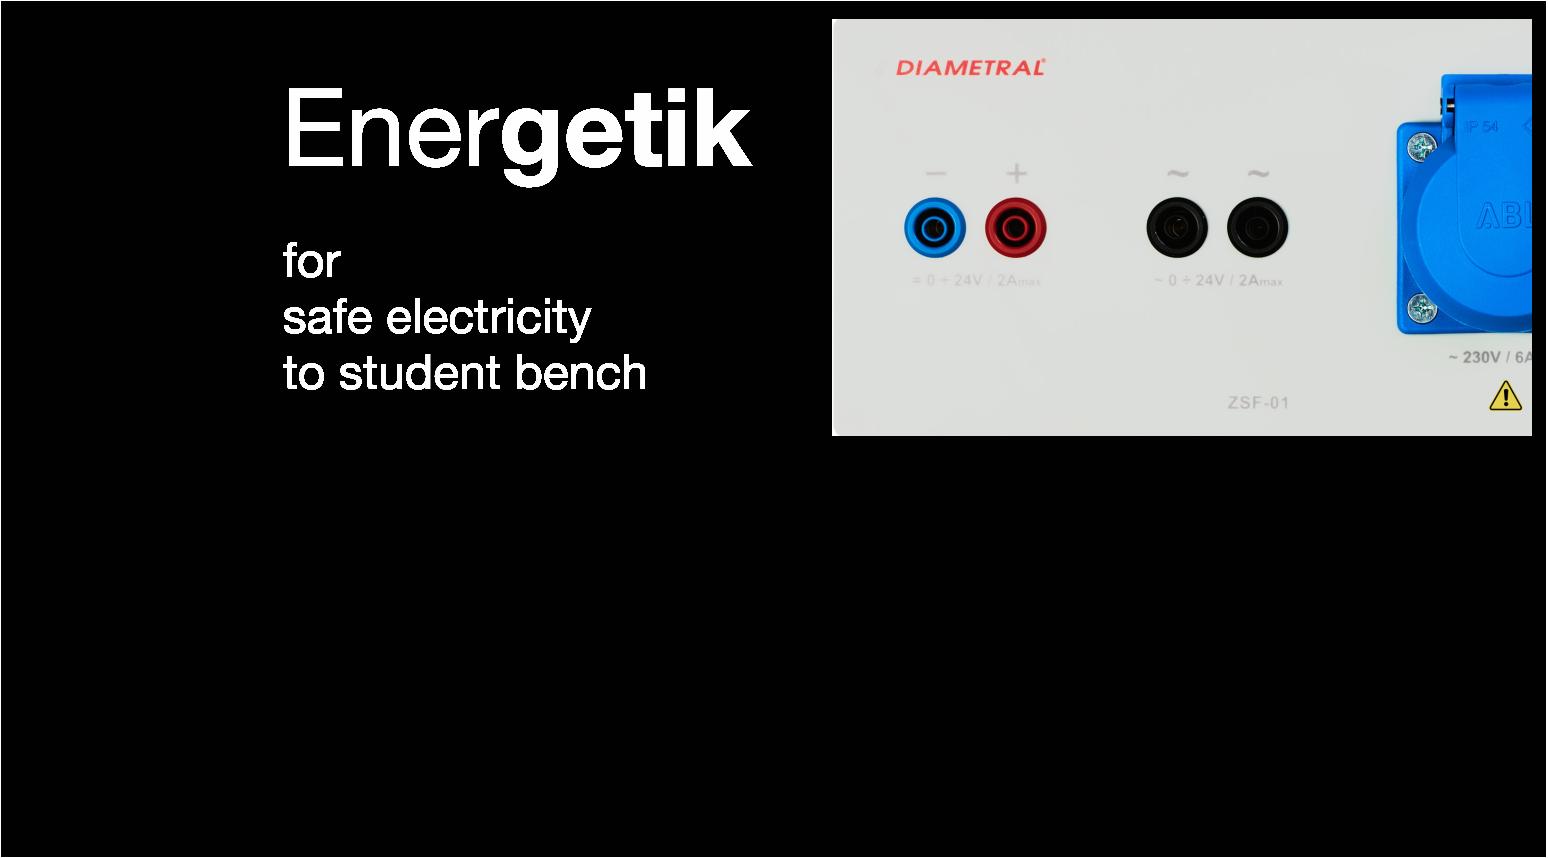 Energetik